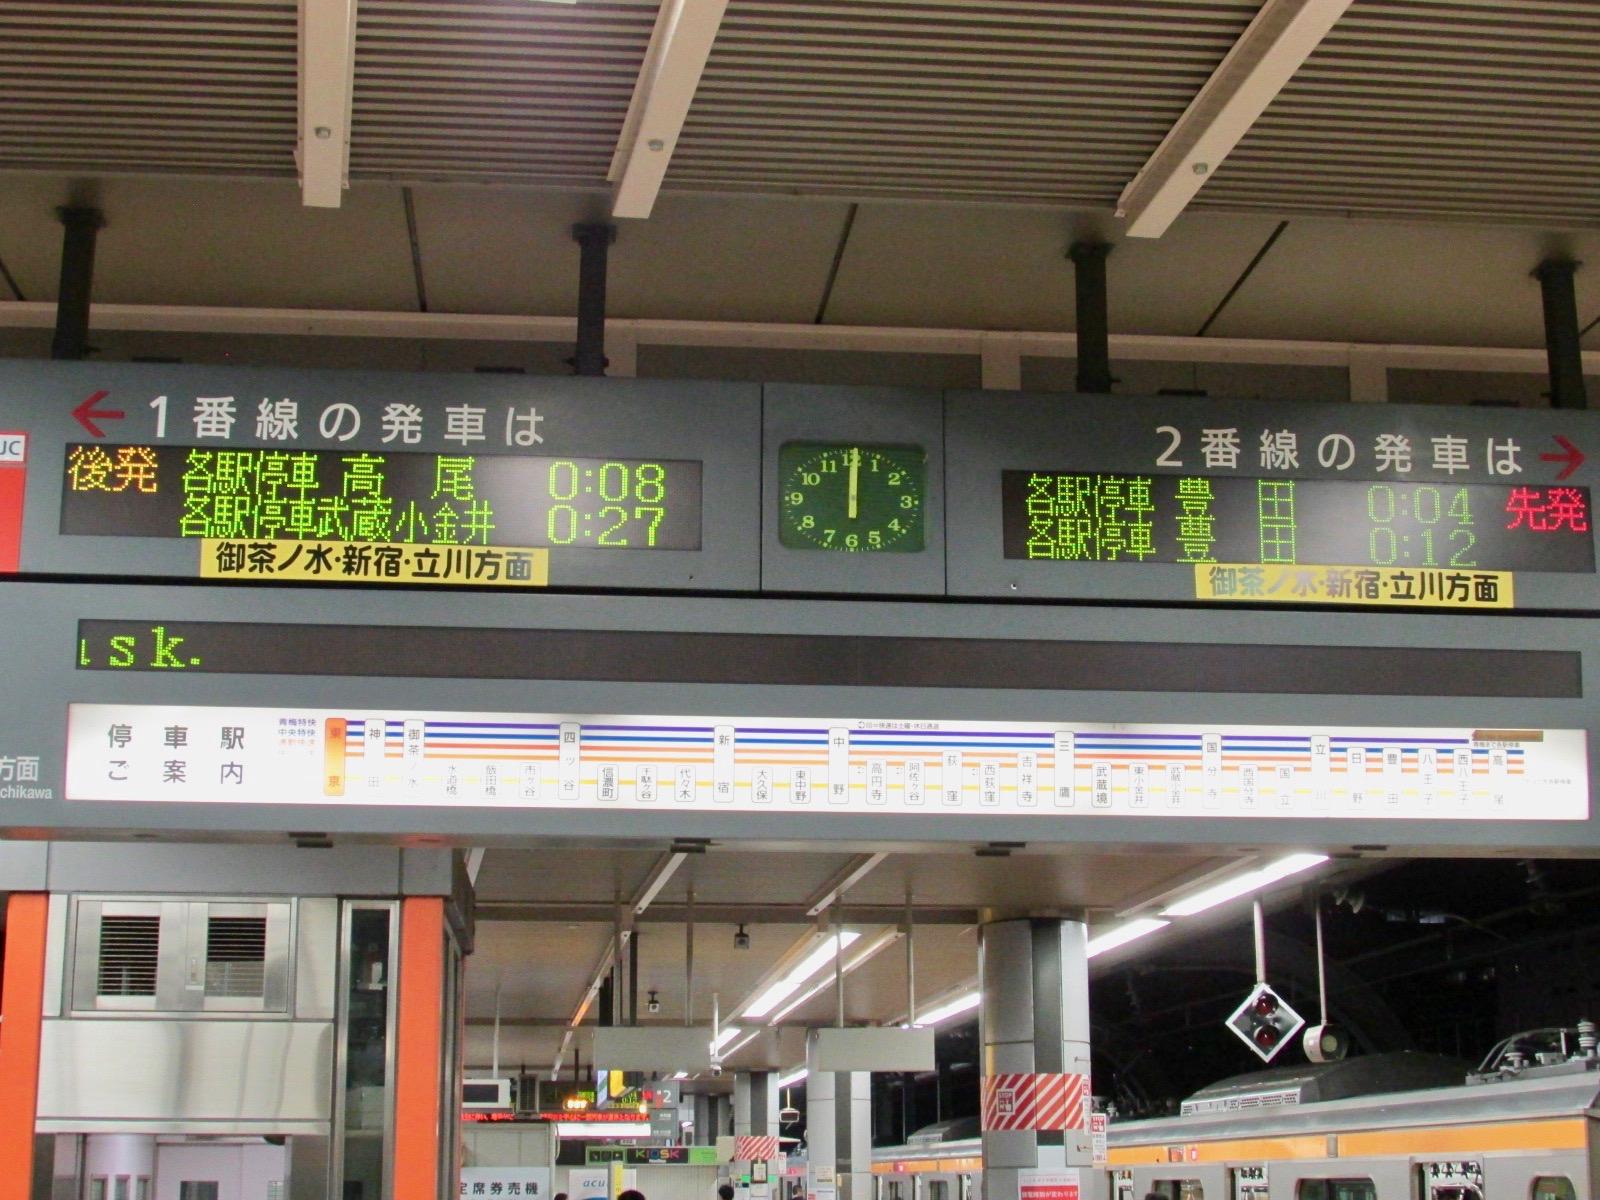 f:id:hiro-jp:20200317094342j:plain